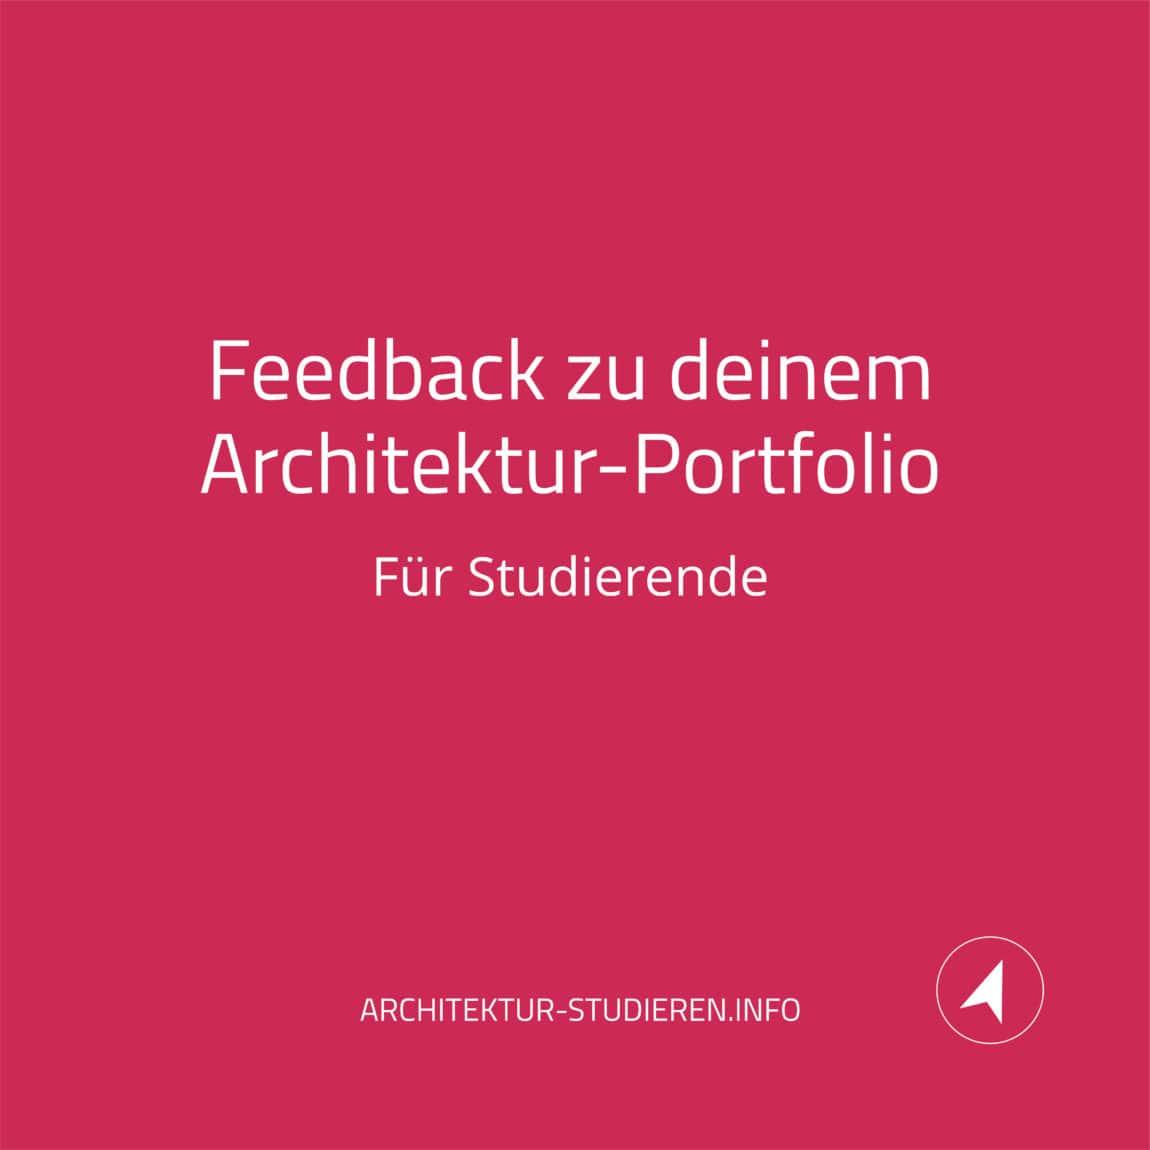 Hilfreiches und professionelles Feedback zu deinem Architektur-Portfolio. Für Studierende. | © Anett Ring, Architektur-studieren.info